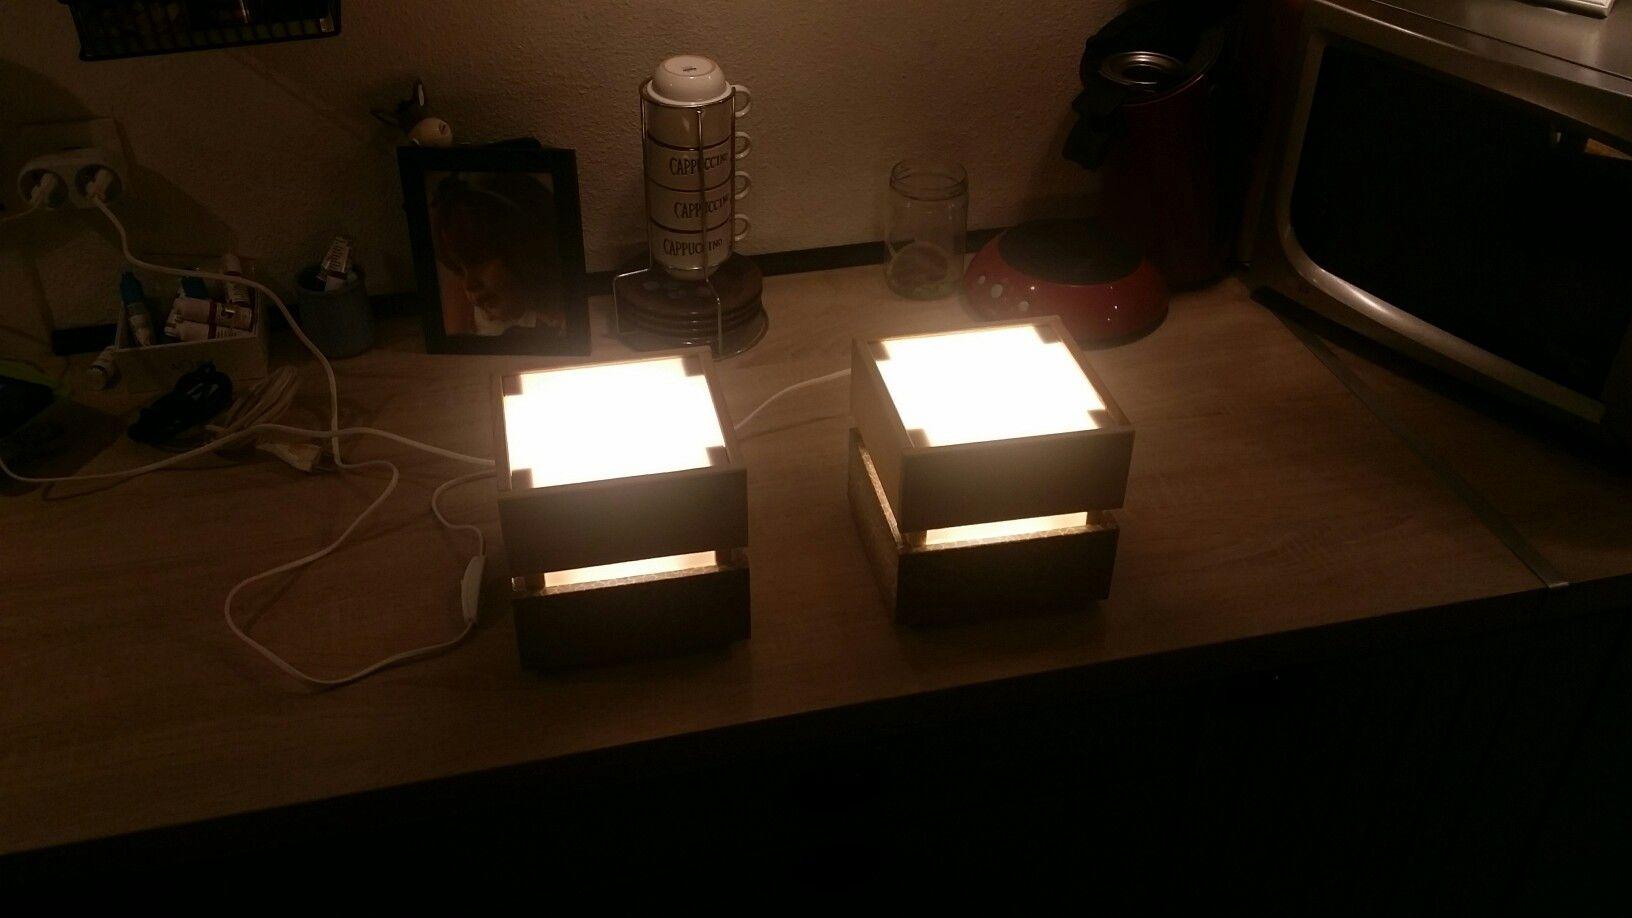 0d00d447192f7d1014f41567d08d3f90 5 Nouveau Lampe Chevet Led Sjd8